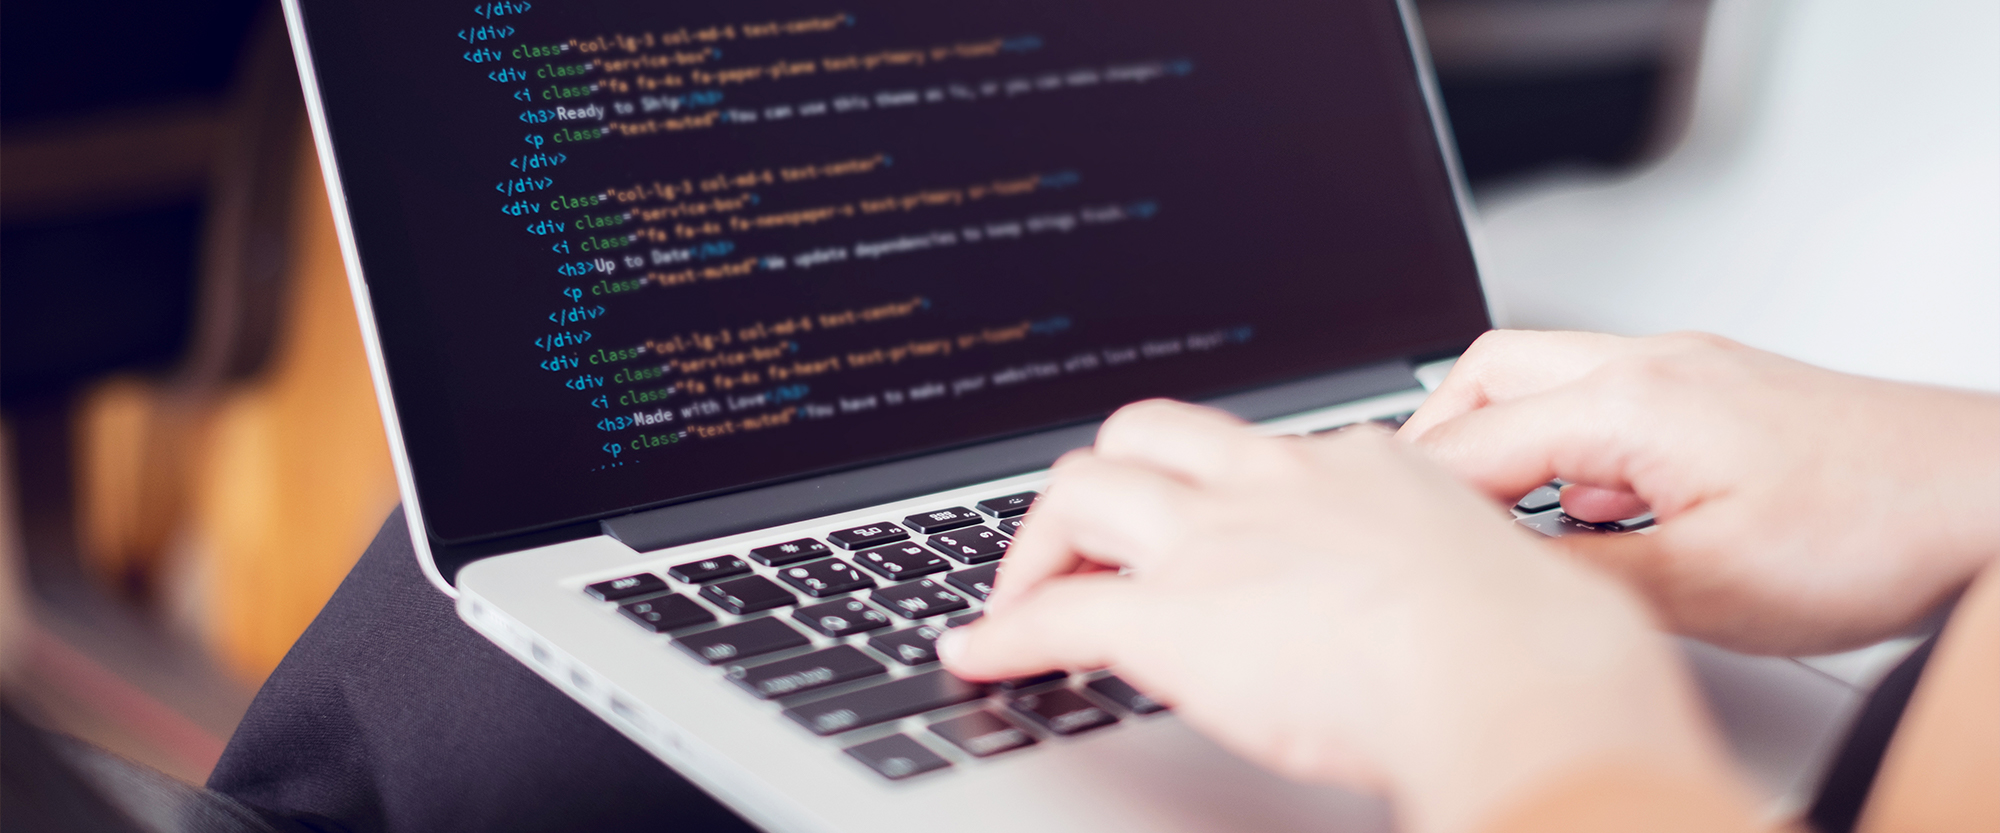 Onlinekurs HTML och CSS i Wordpress